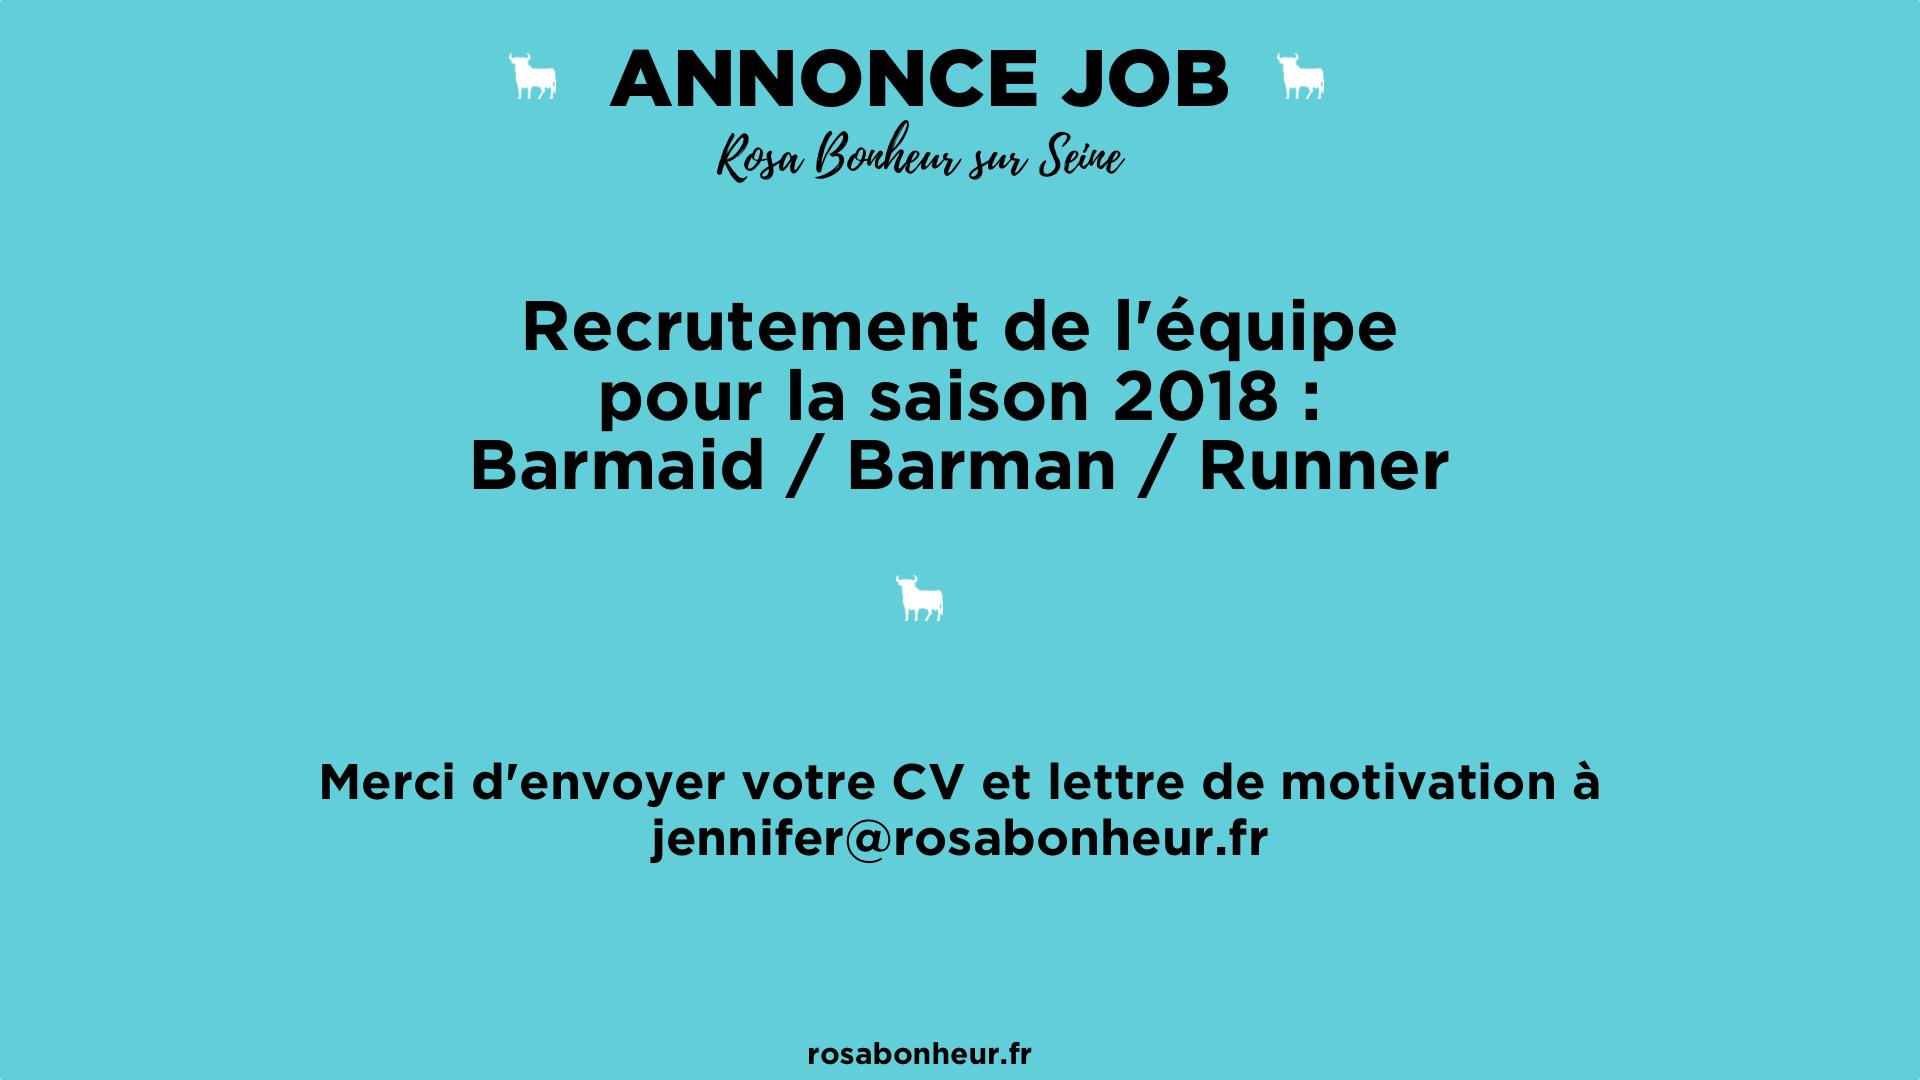 Annonce Job